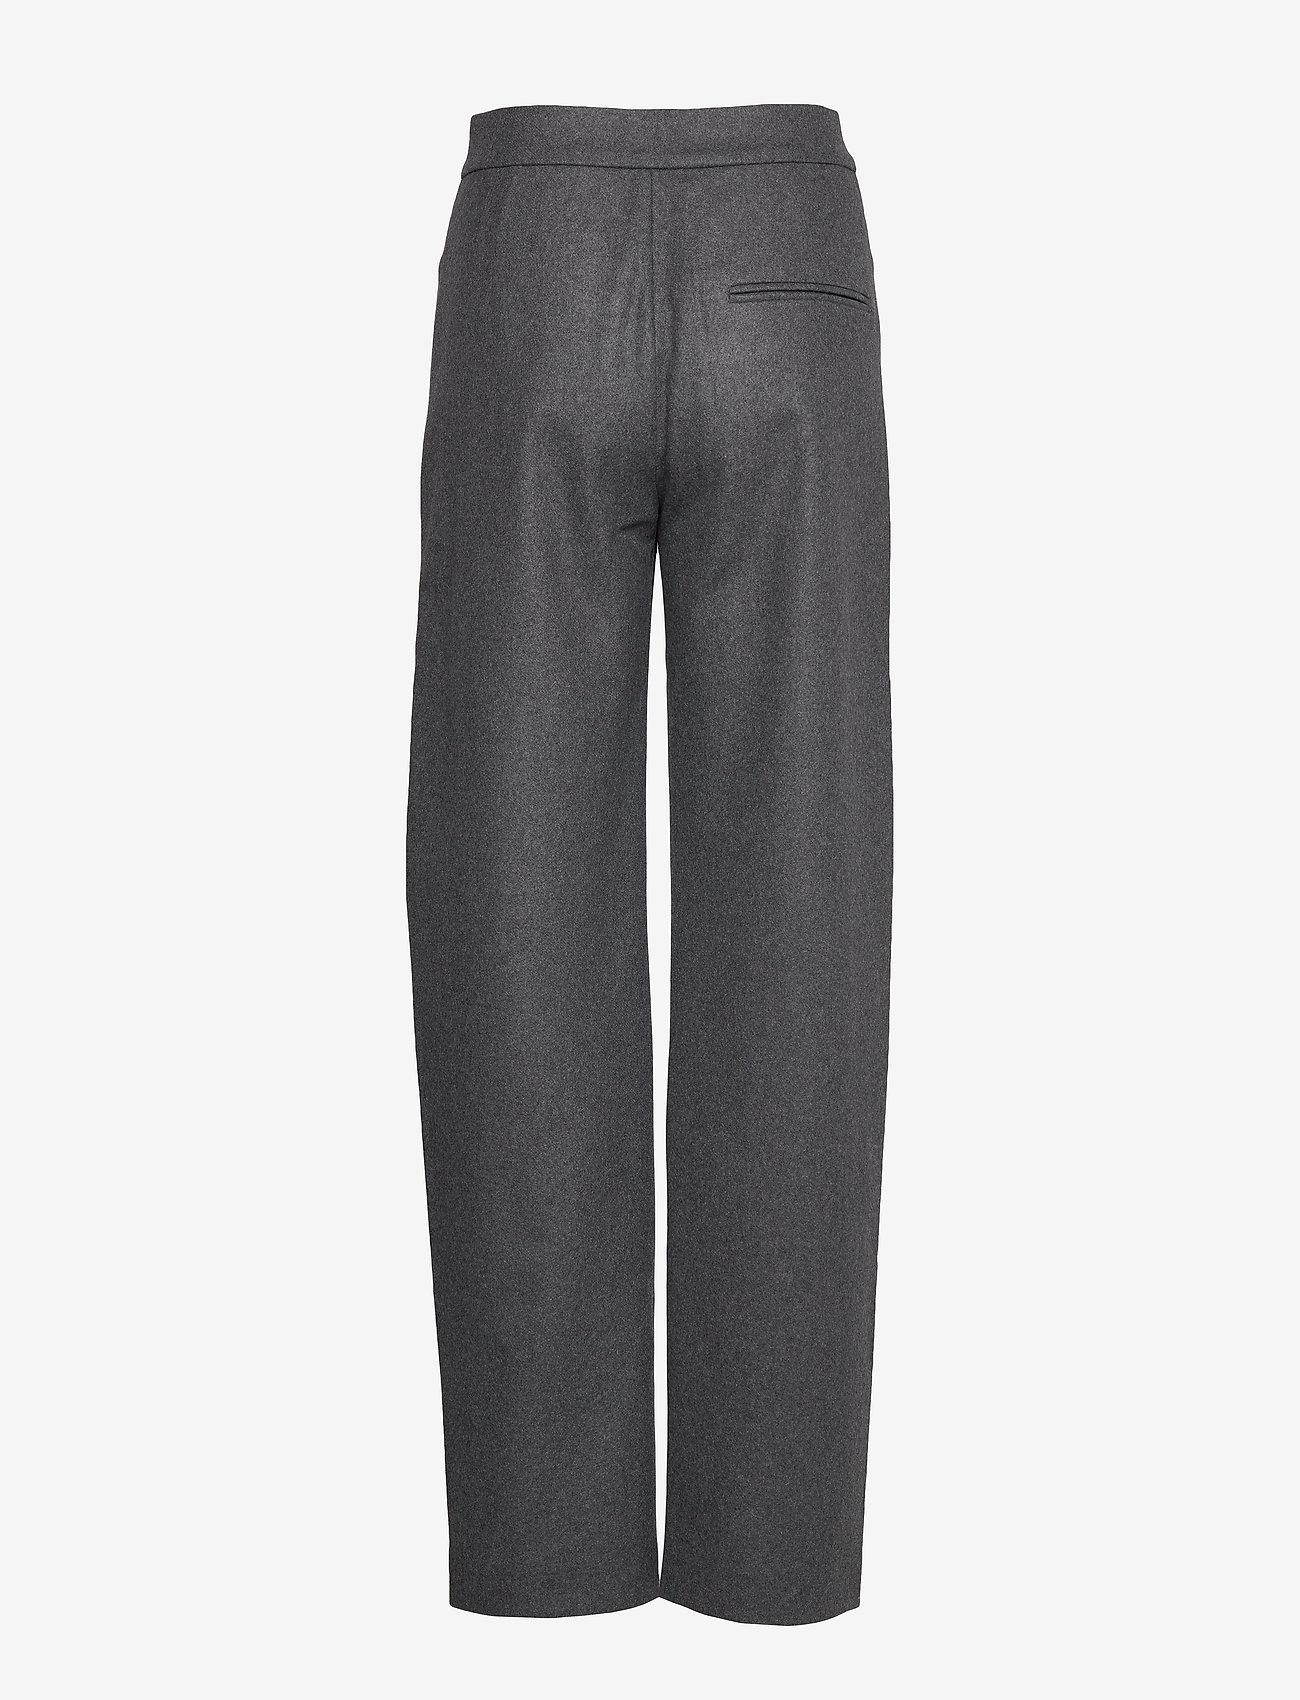 Totême NOVARA LONG - Spodnie DARK GREY MELANGE 397 - Kobiety Odzież.